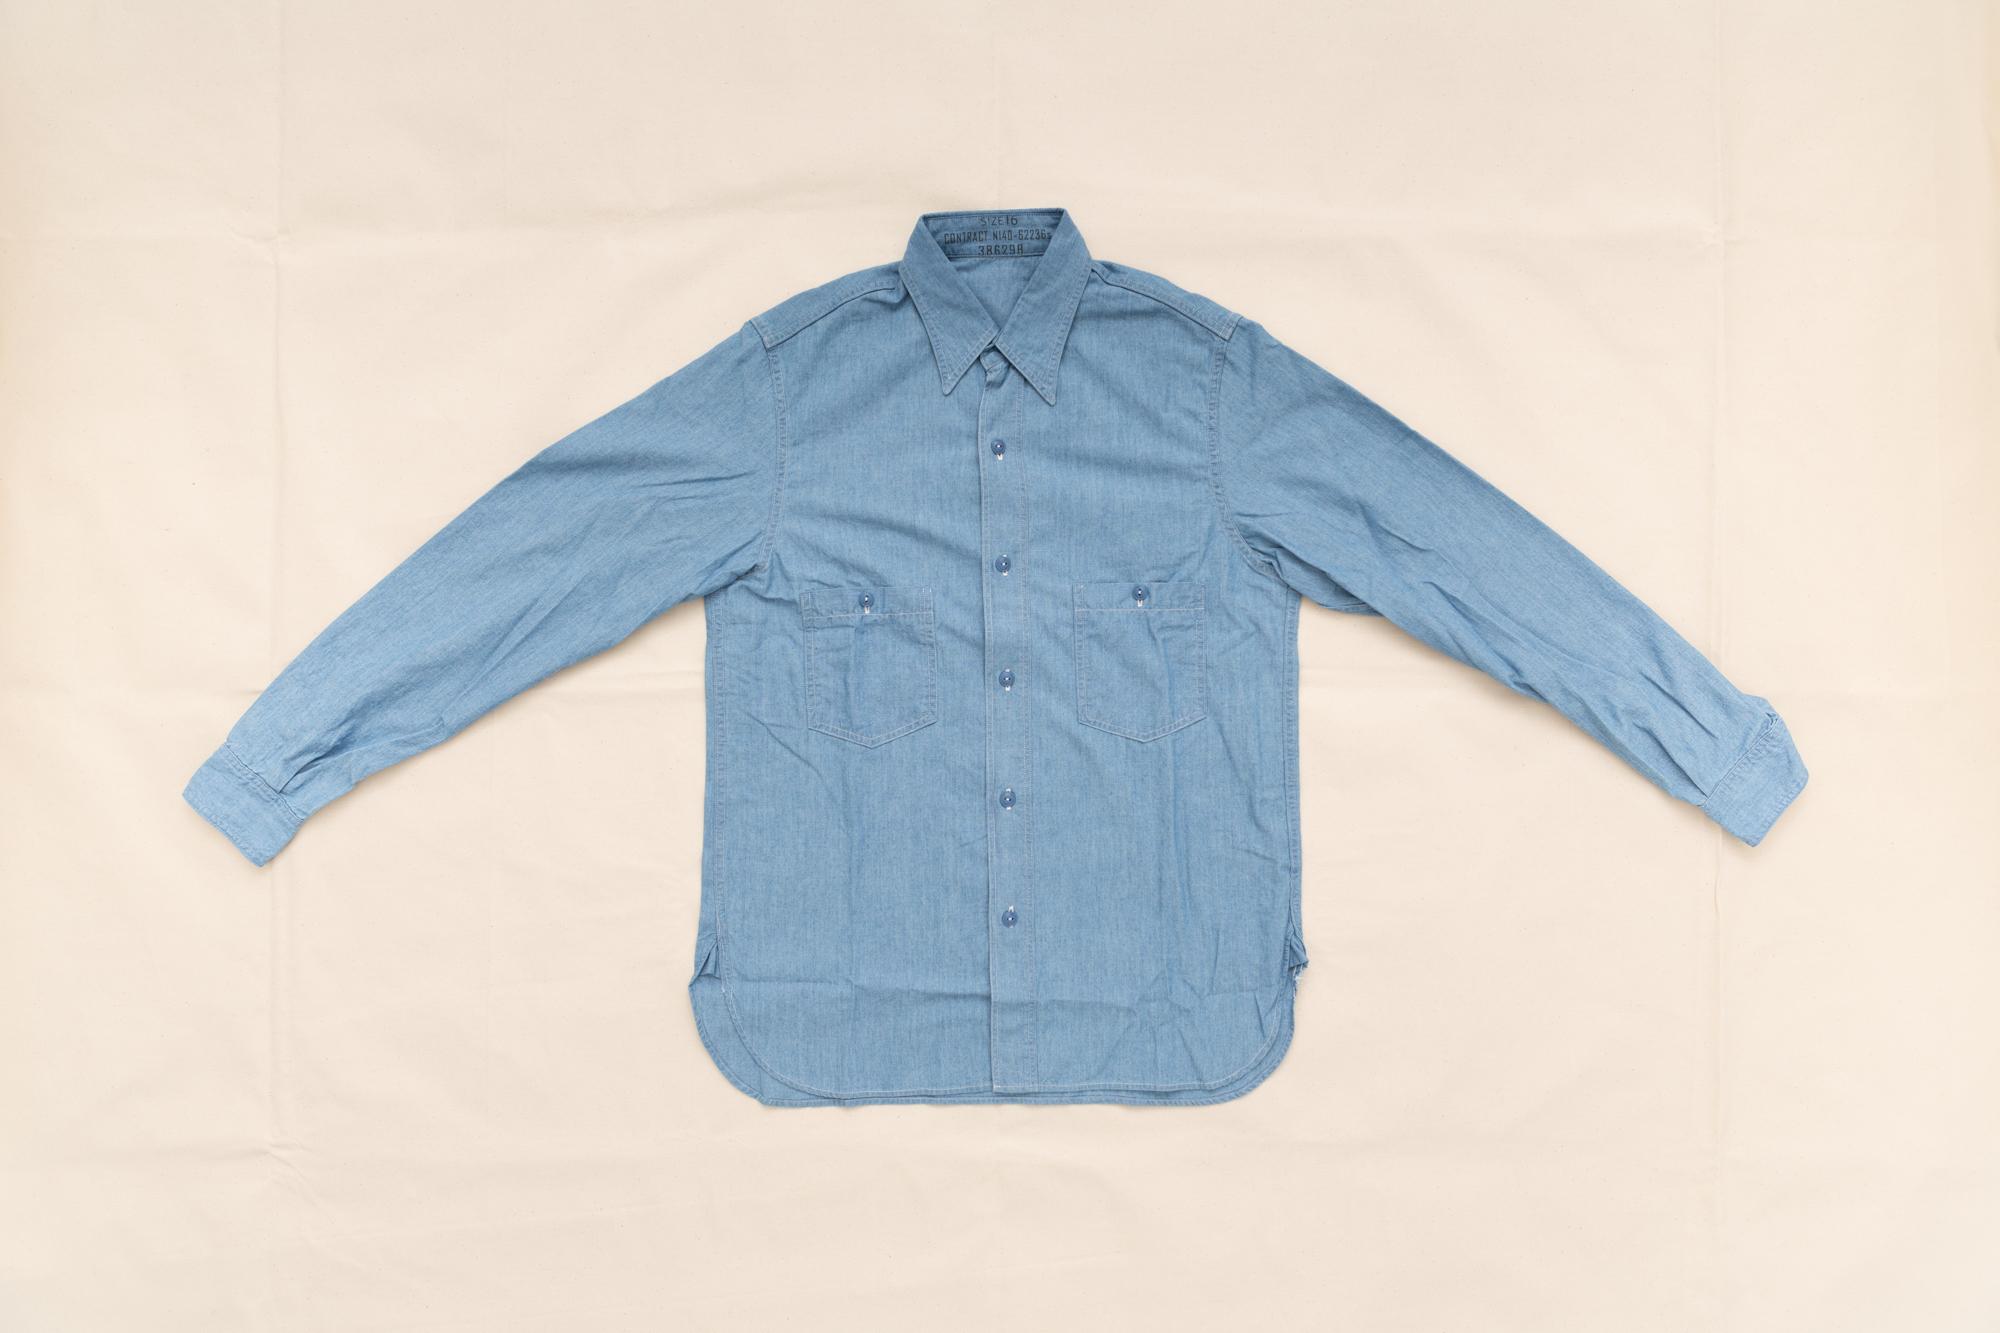 USN Chambray Shirt